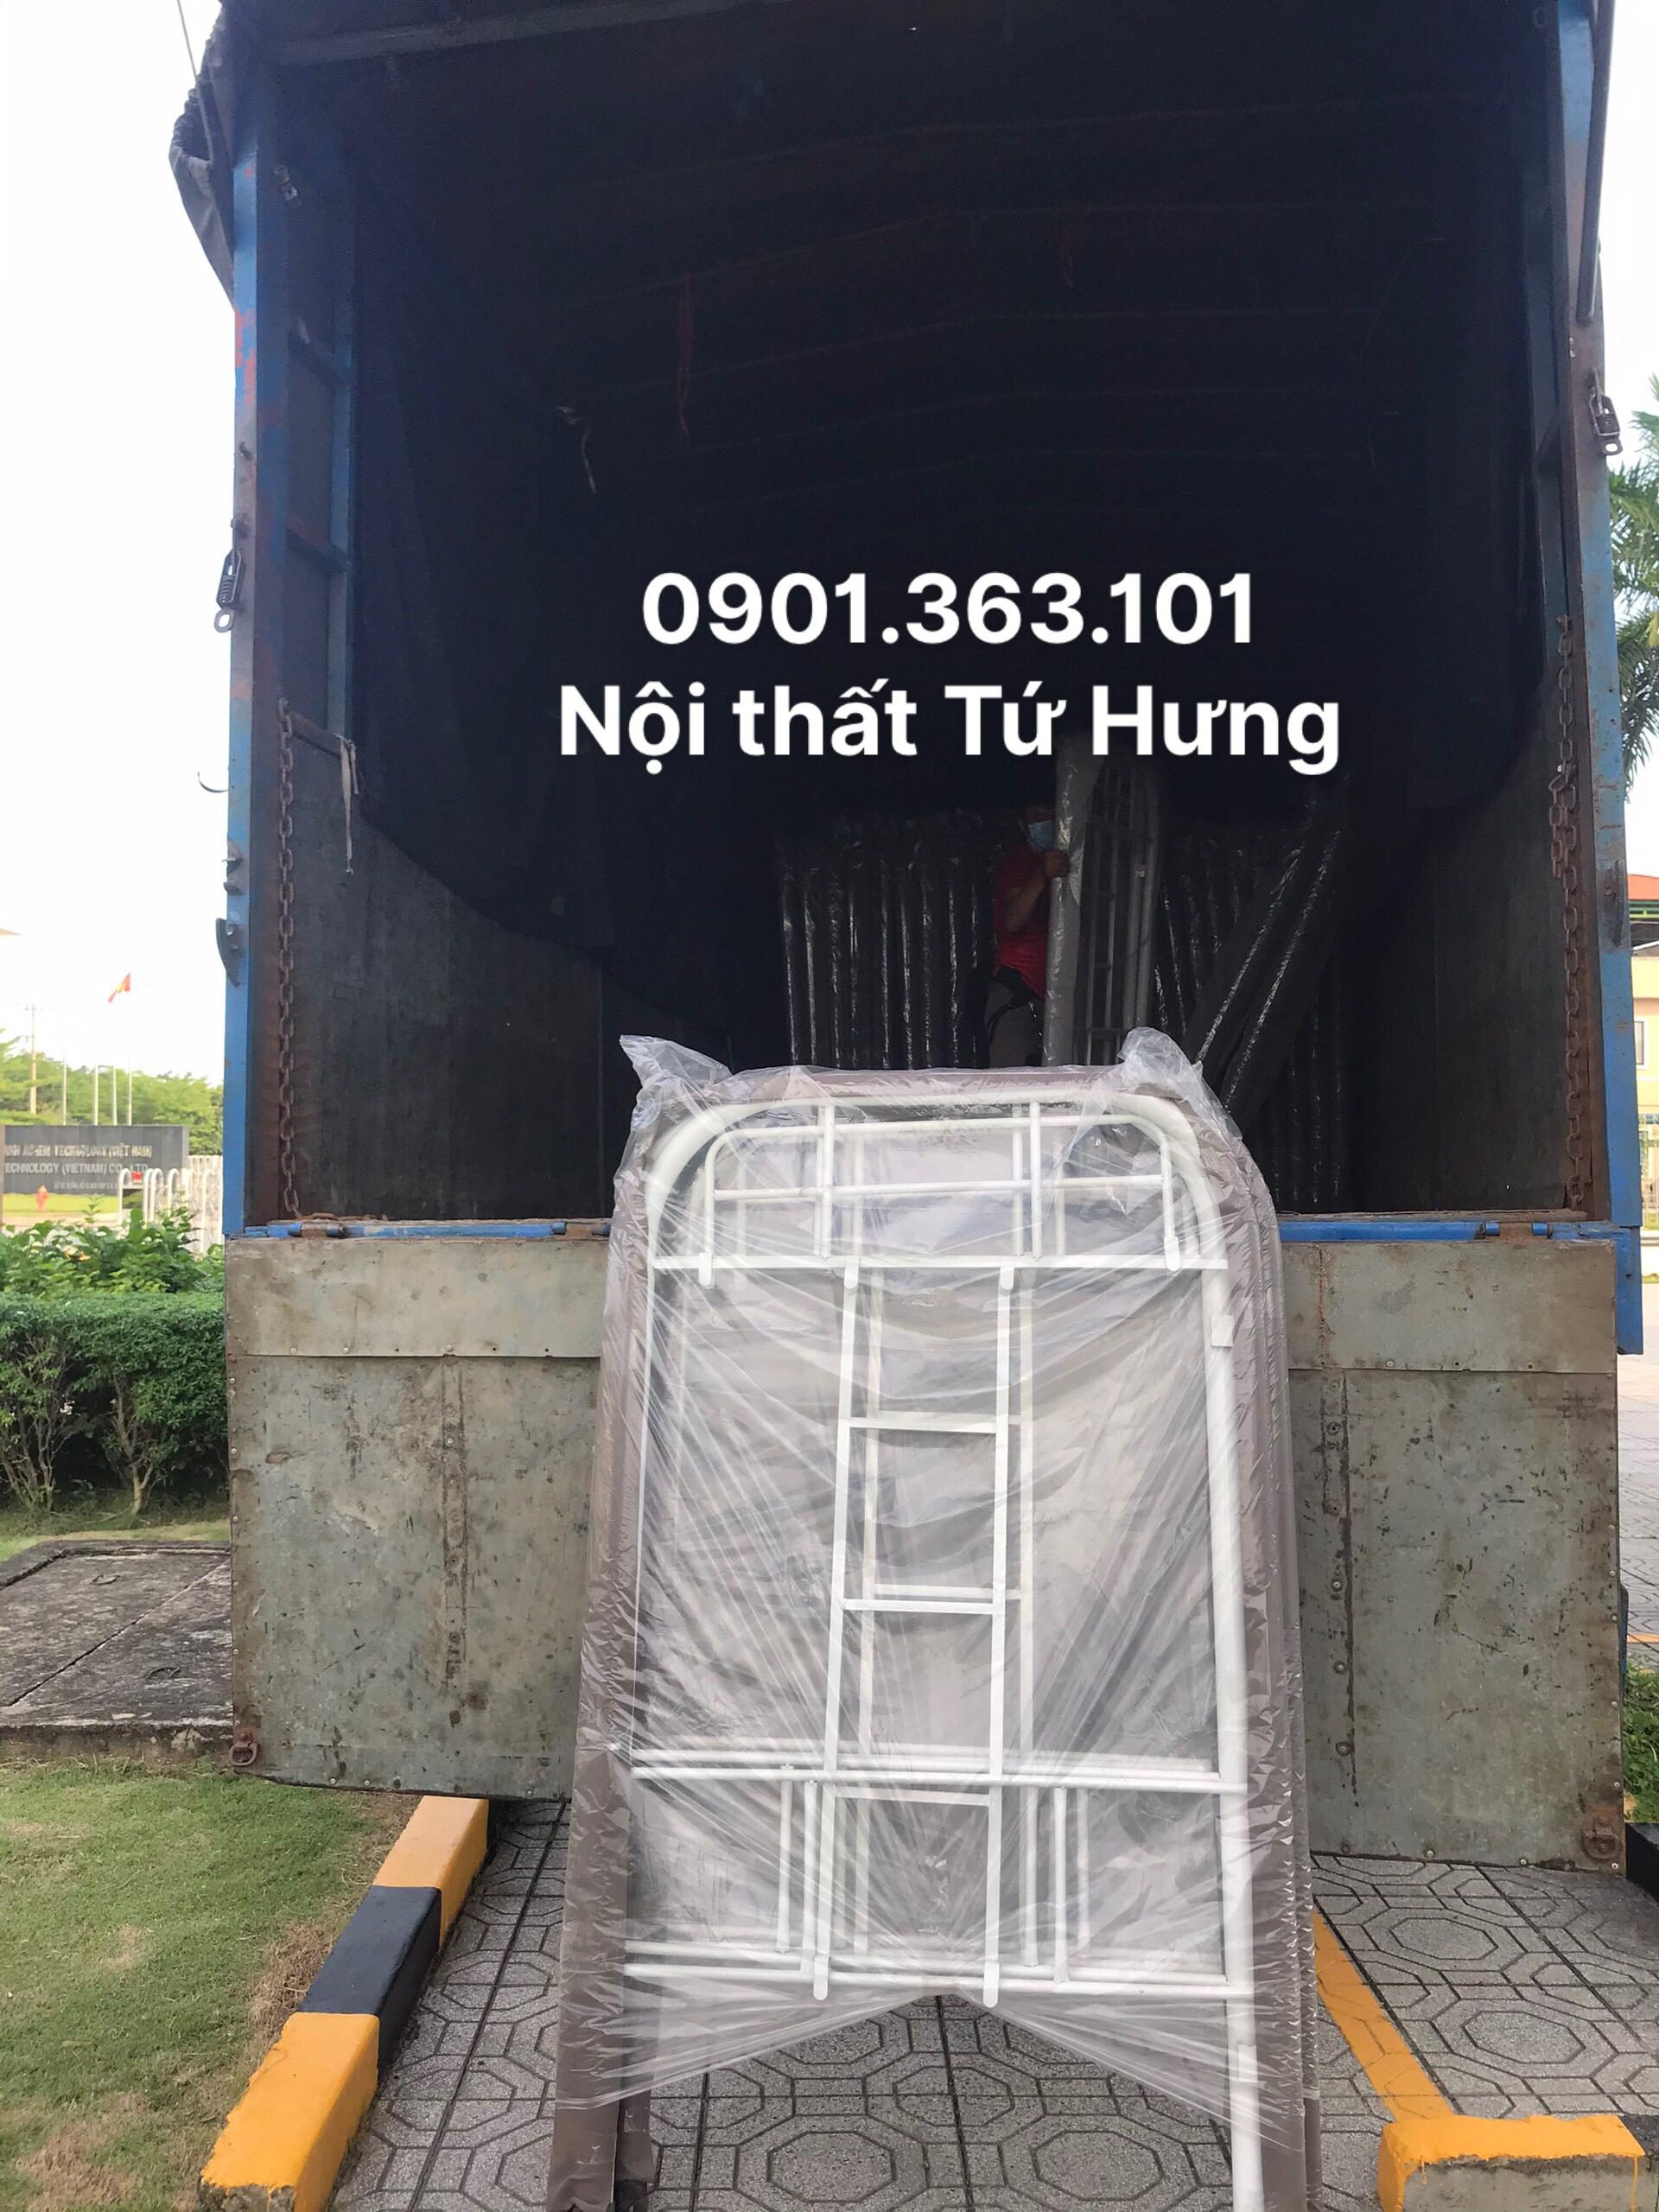 Z2561691563211 37fc8d0a26269c7a6fdc5621f1a1cd5f